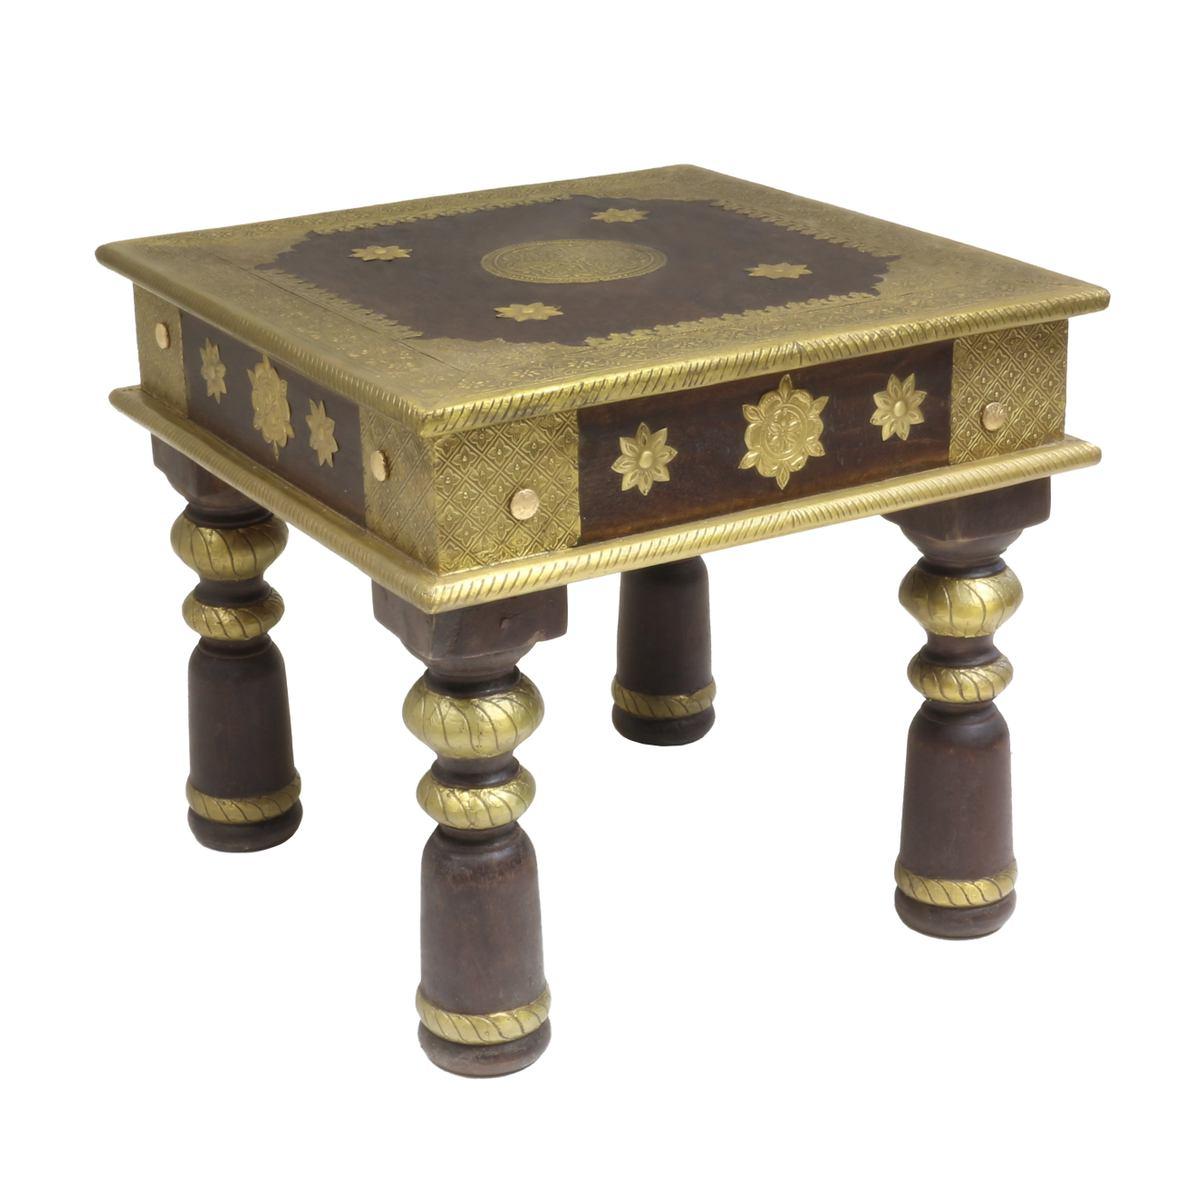 Holztisch Opiumtisch Asiatischer Wohnzimmertisch Couchtisch Sofatisch  niedriger Tisch ca.37 x 37cm Dunkelbraun mit Gold TEC-37A Klein  Oriental